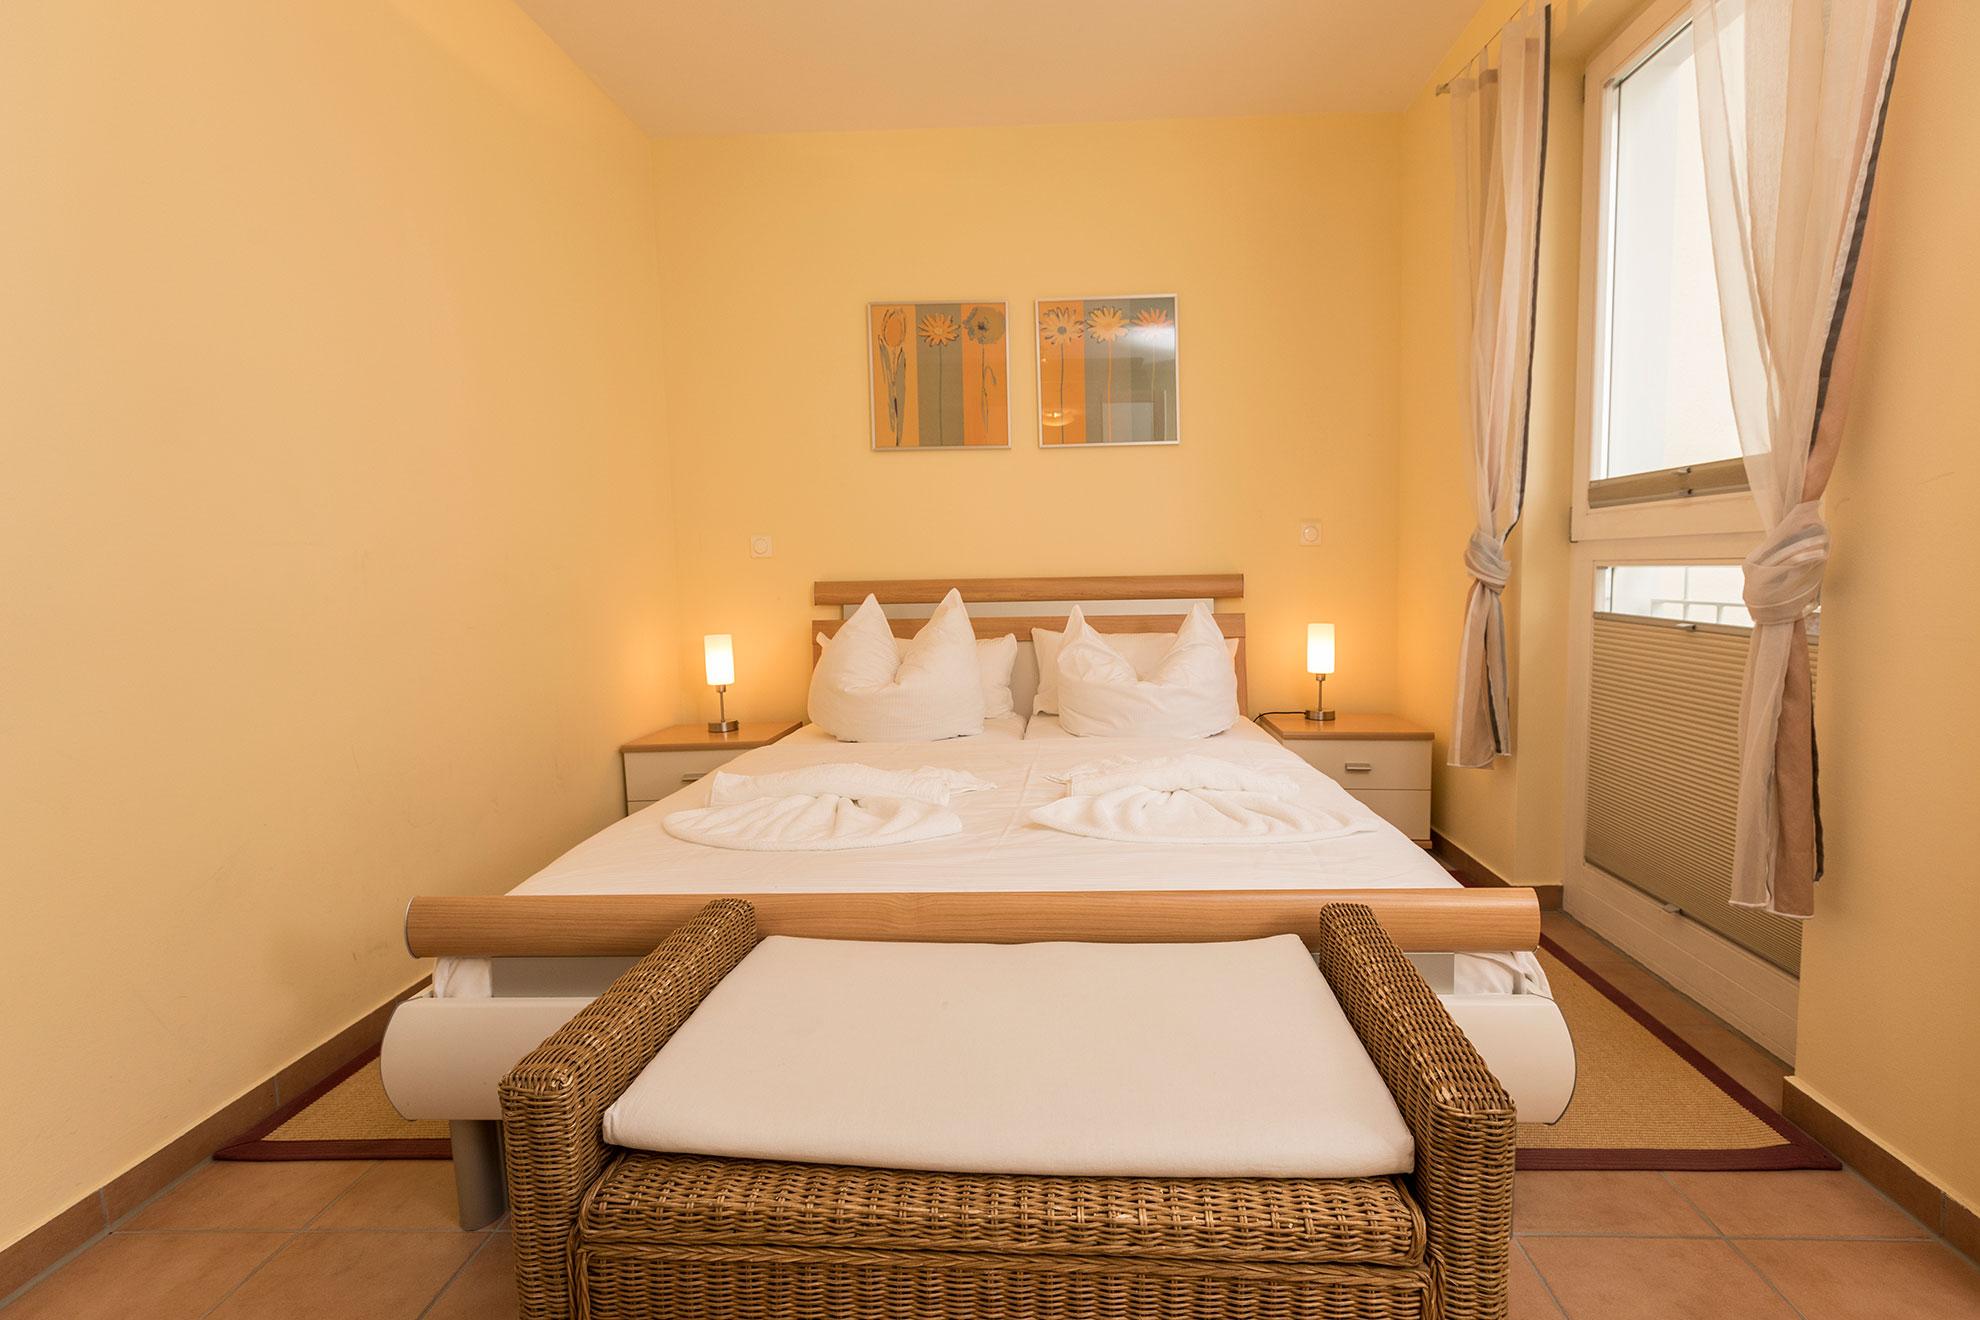 Ferienwohnung in der Villa Strandperle Binz - Appartement 14